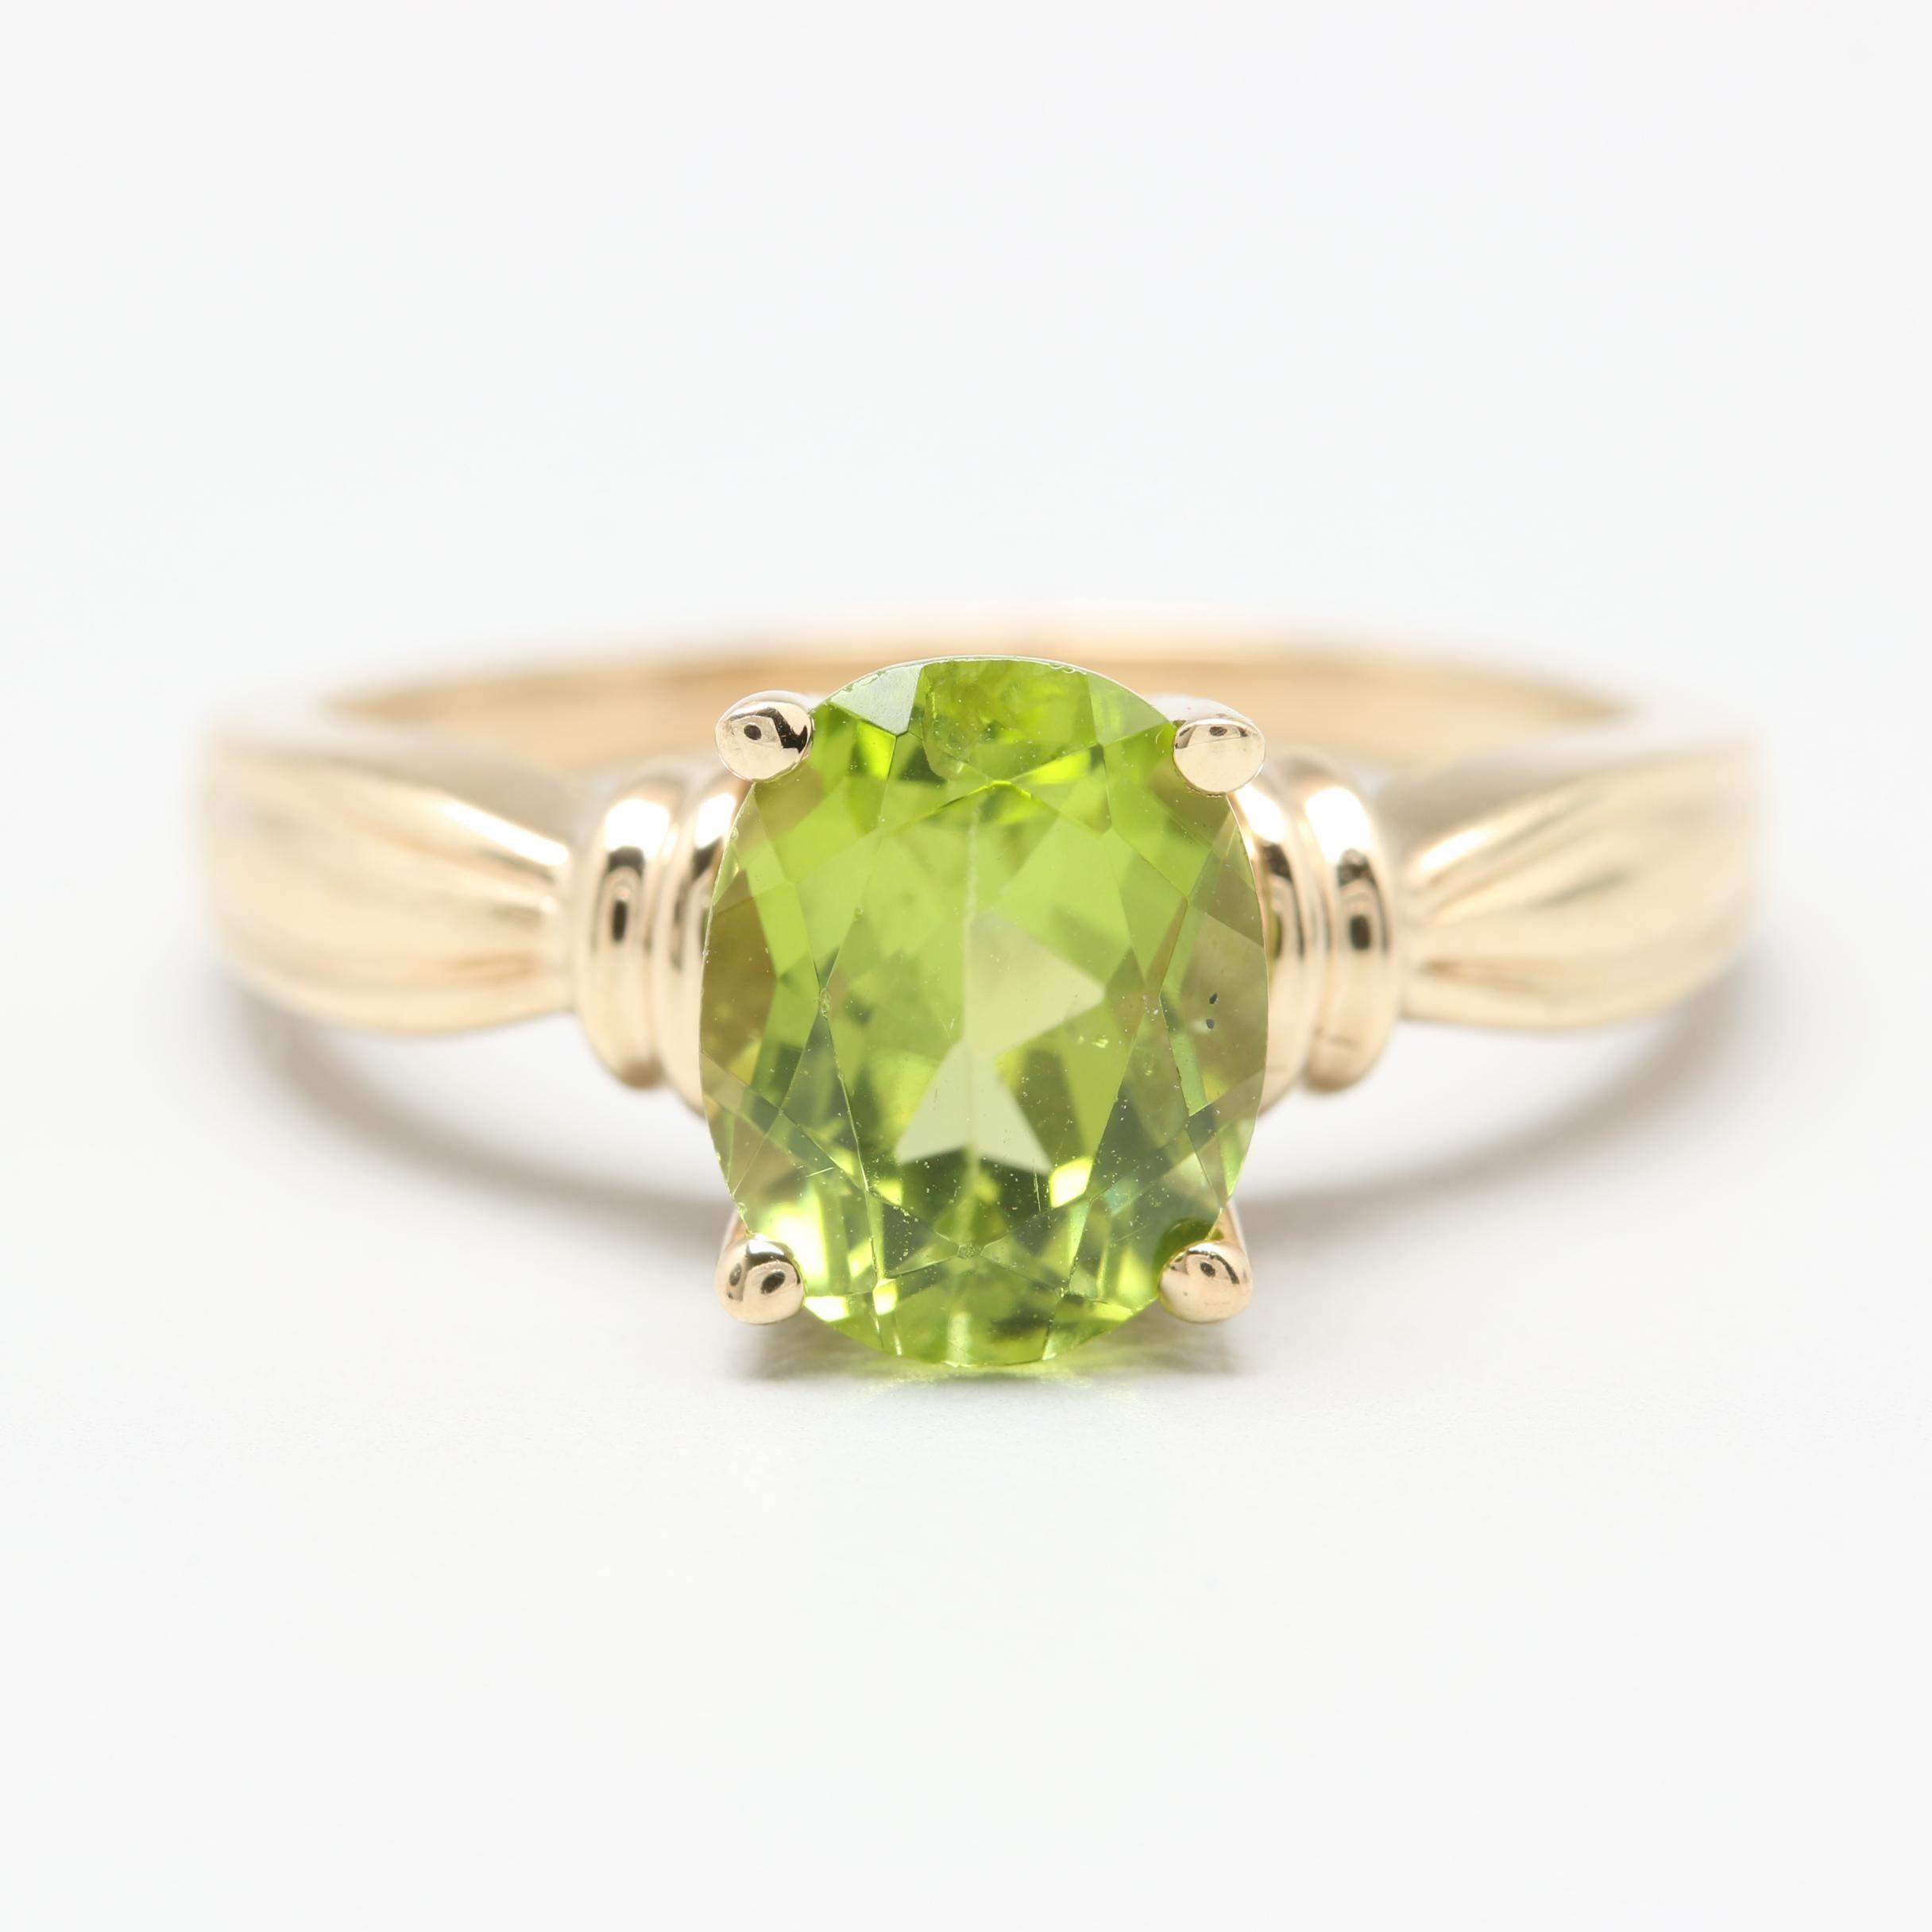 10K Yellow Gold Peridot Ring